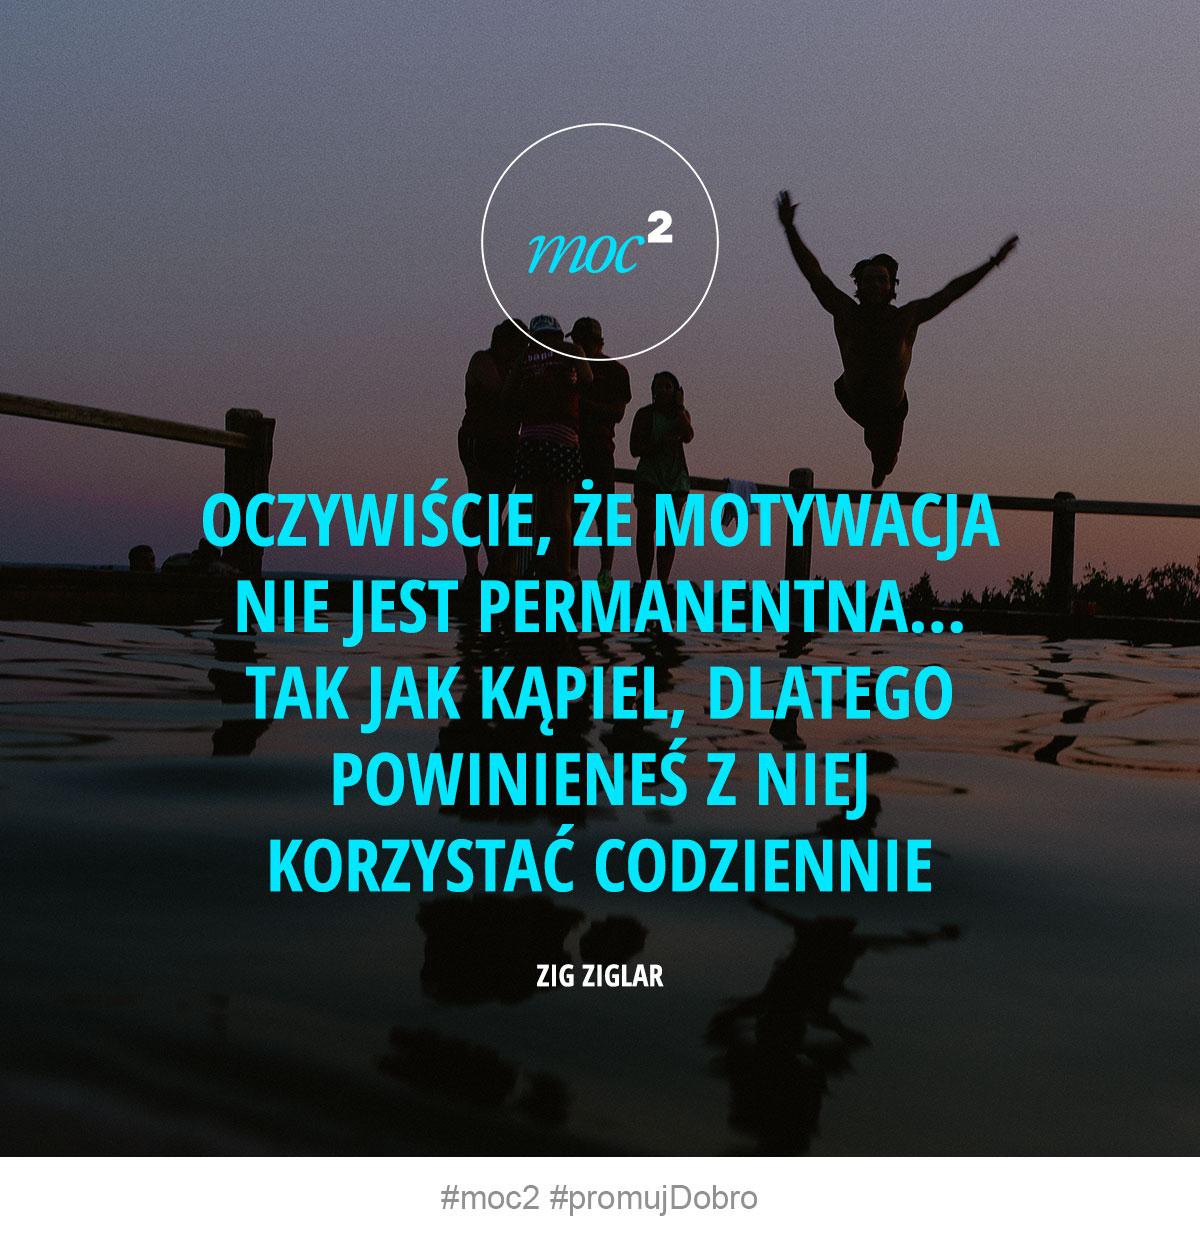 Oczywiście, że motywacja nie jest permanentna... Tak jak kąpiel, dlatego powinieneś z niej korzystać codziennie. - Zig Ziglar